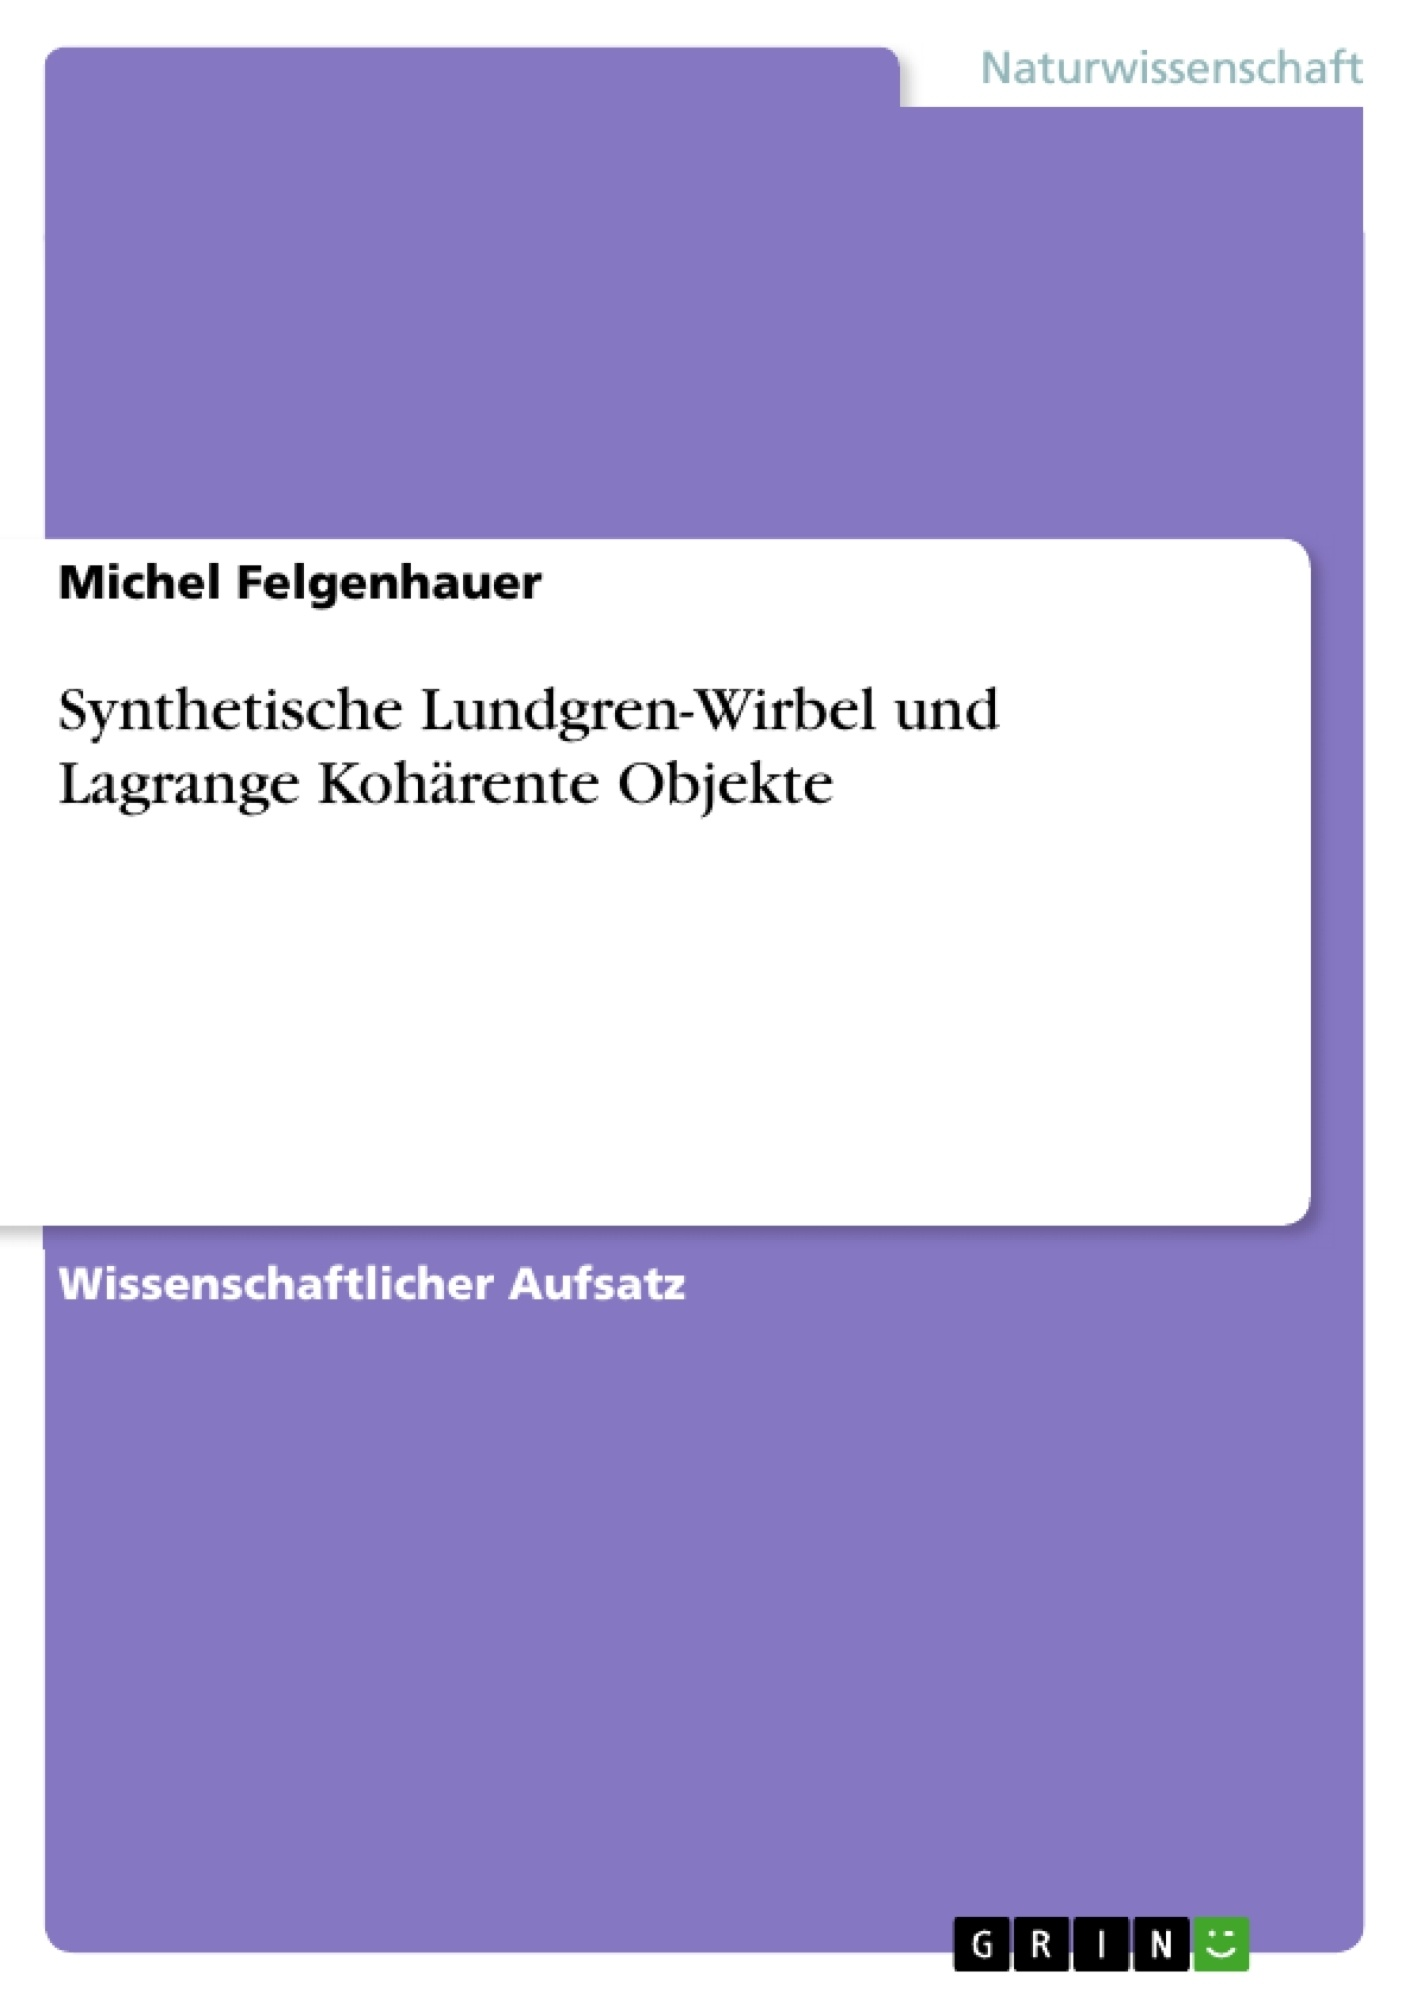 Titel: Synthetische Lundgren-Wirbel und Lagrange Kohärente Objekte